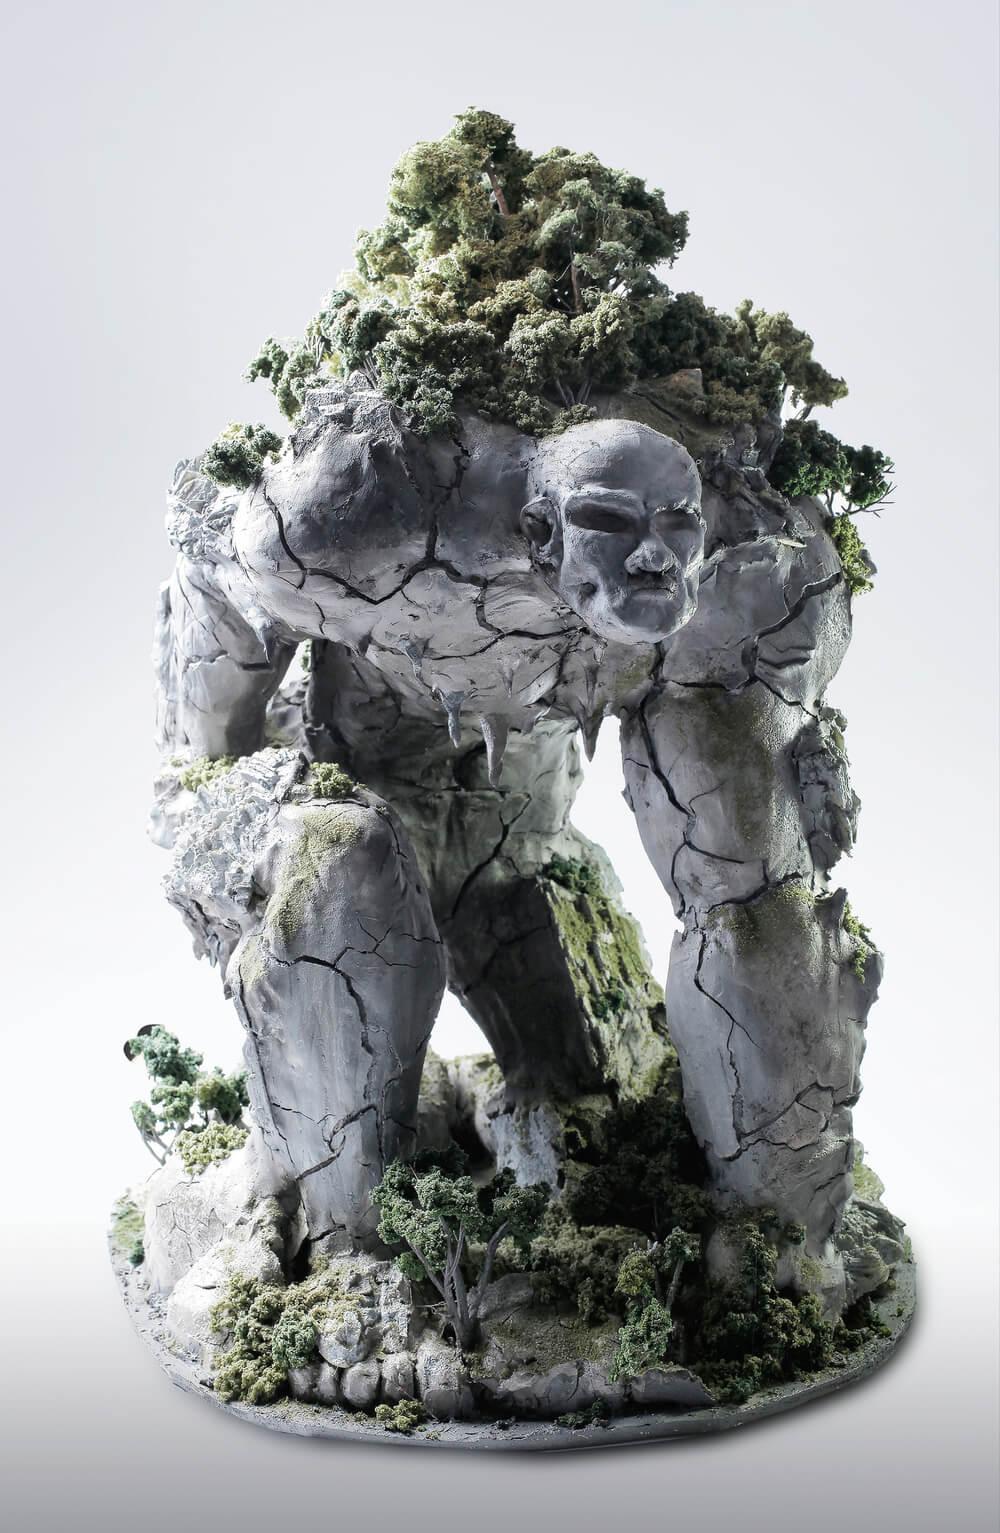 assemblage sculpture garret kaneart 10 (1)